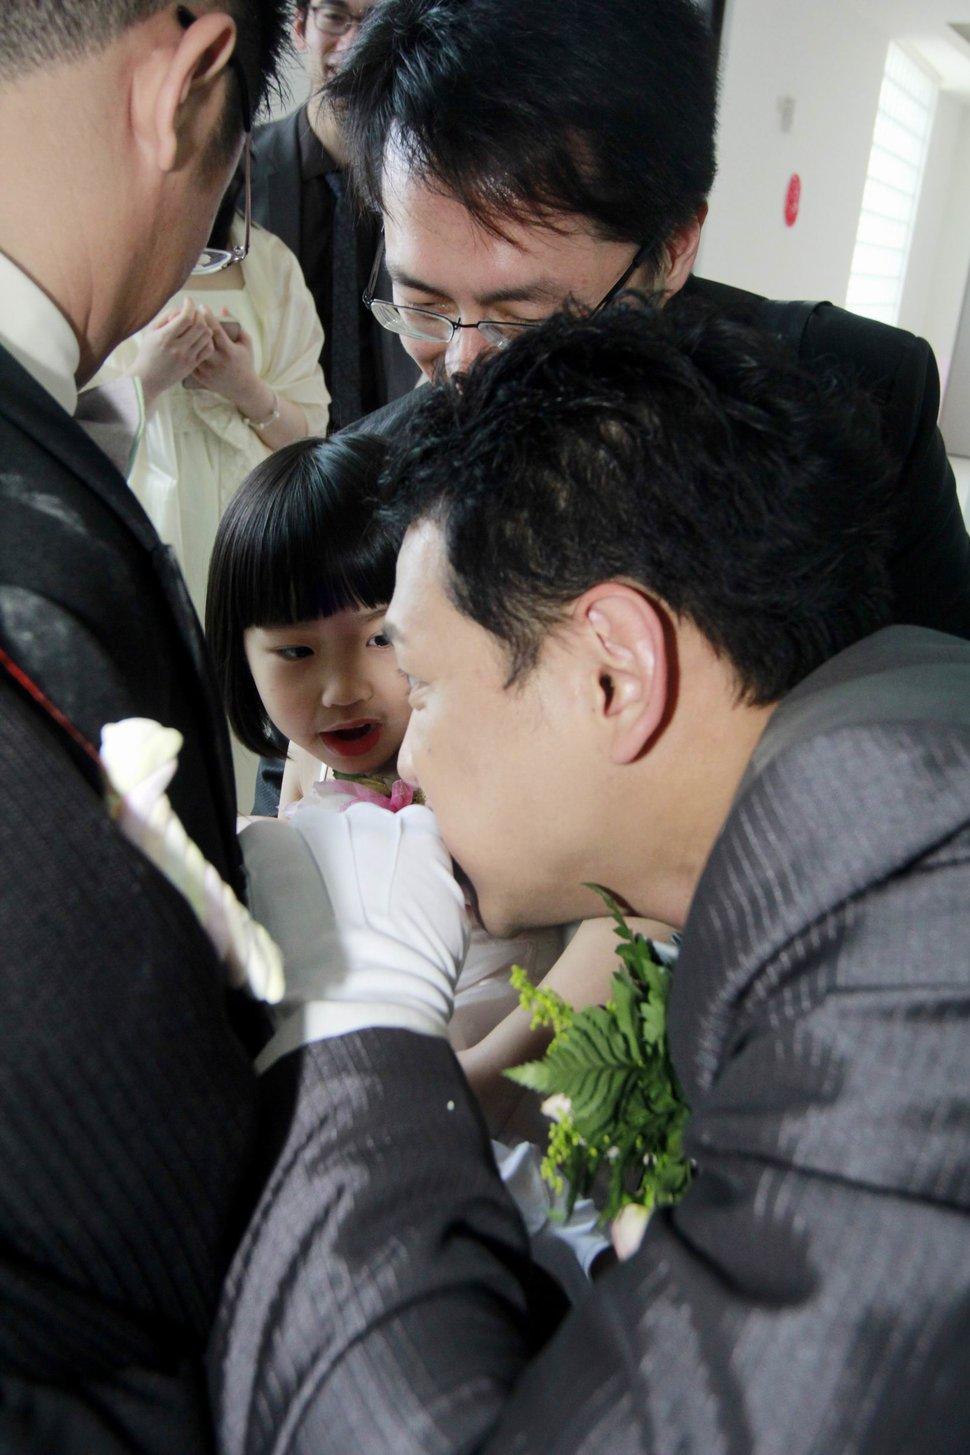 汐止那米哥餐廳婚宴會館餐廳婚攝j婚錄結婚迎娶婚禮記錄動態微電影錄影專業錄影平面攝影婚禮紀錄婚攝婚錄主持人(編號:280607) - 蜜月拍照10800錄影12800攝影團隊 - 結婚吧